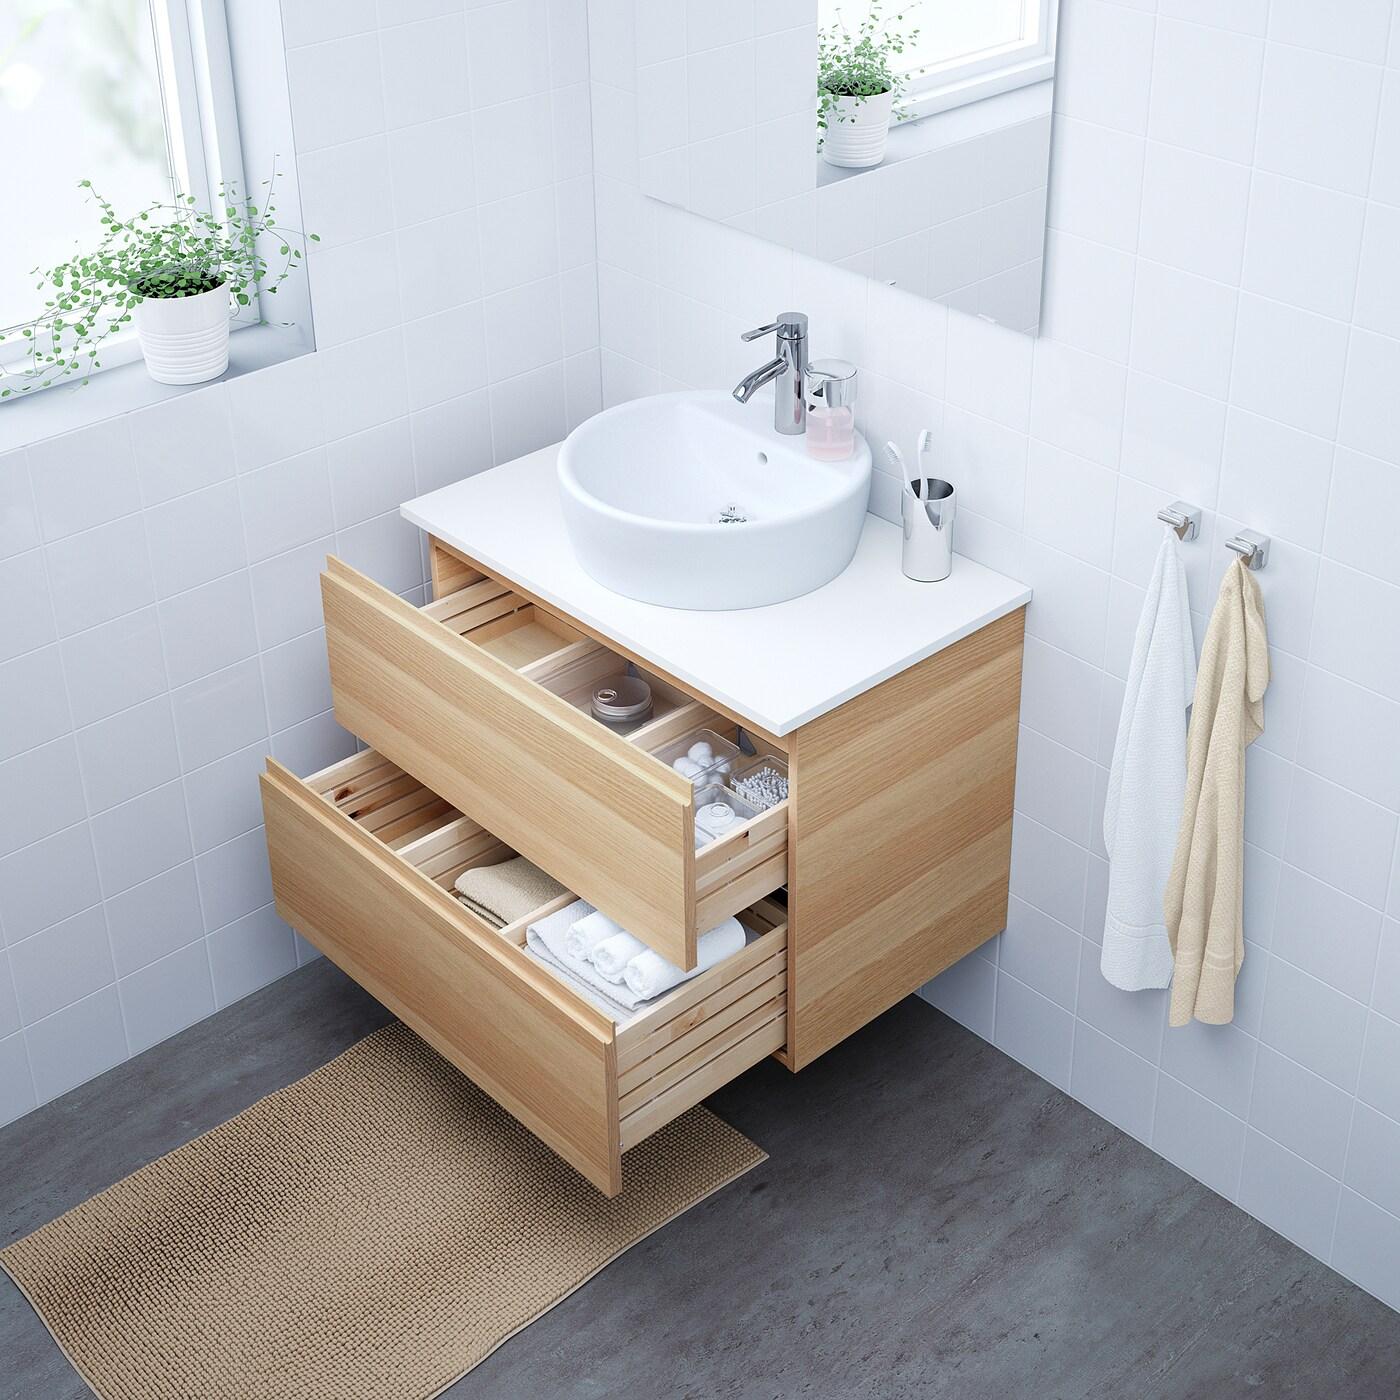 godmorgon tolken tornviken meuble lavabo av lavabo a poser 45 effet chene blanchi blanc dalskar mitigeur lavabo 82x49x74 cm